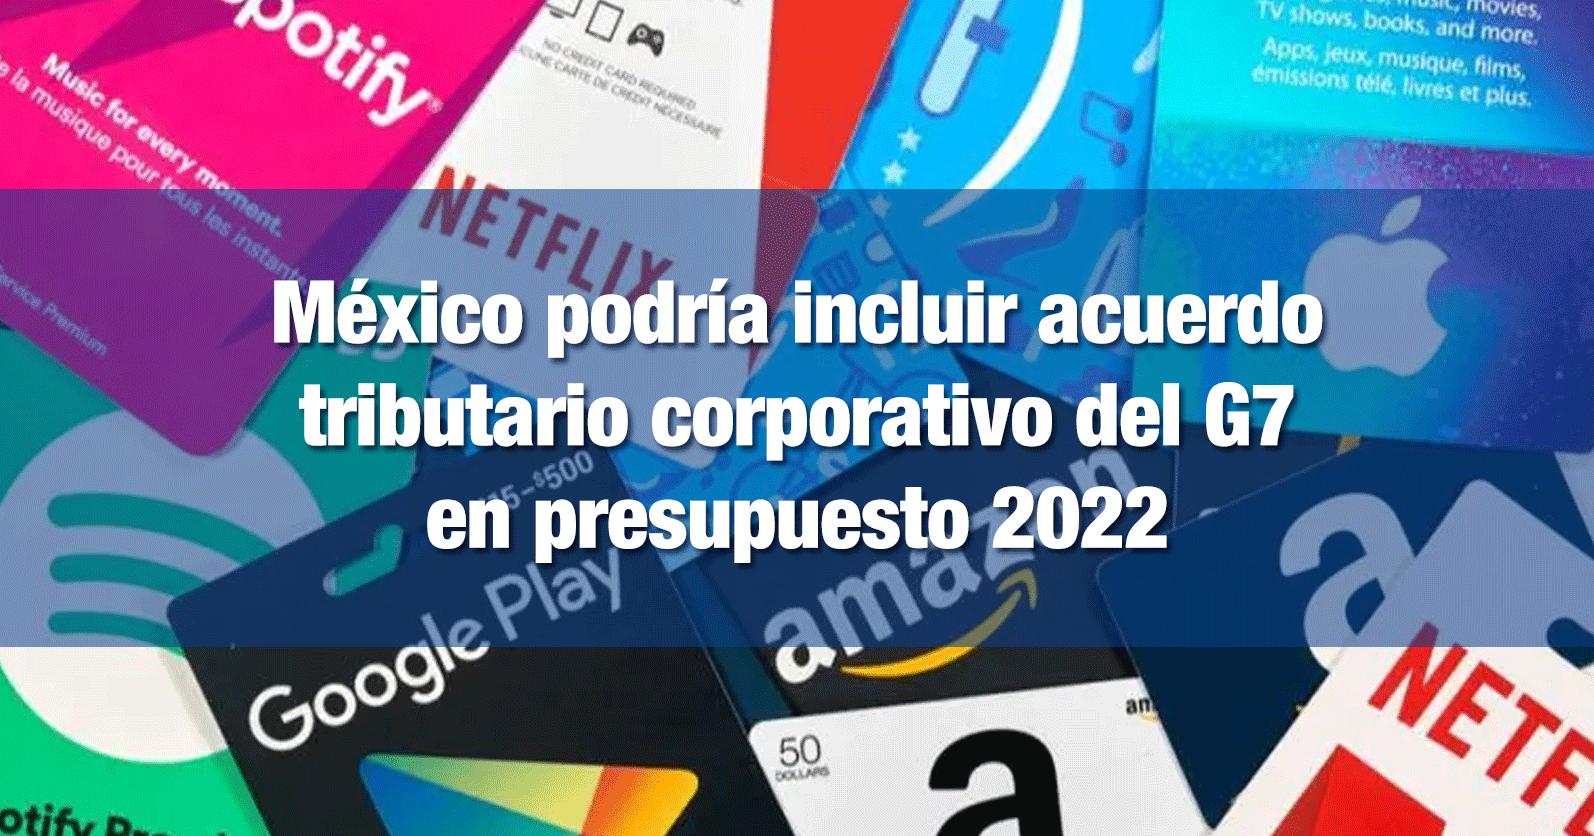 México podría incluir acuerdo tributario corporativo del G7 en presupuesto 2022